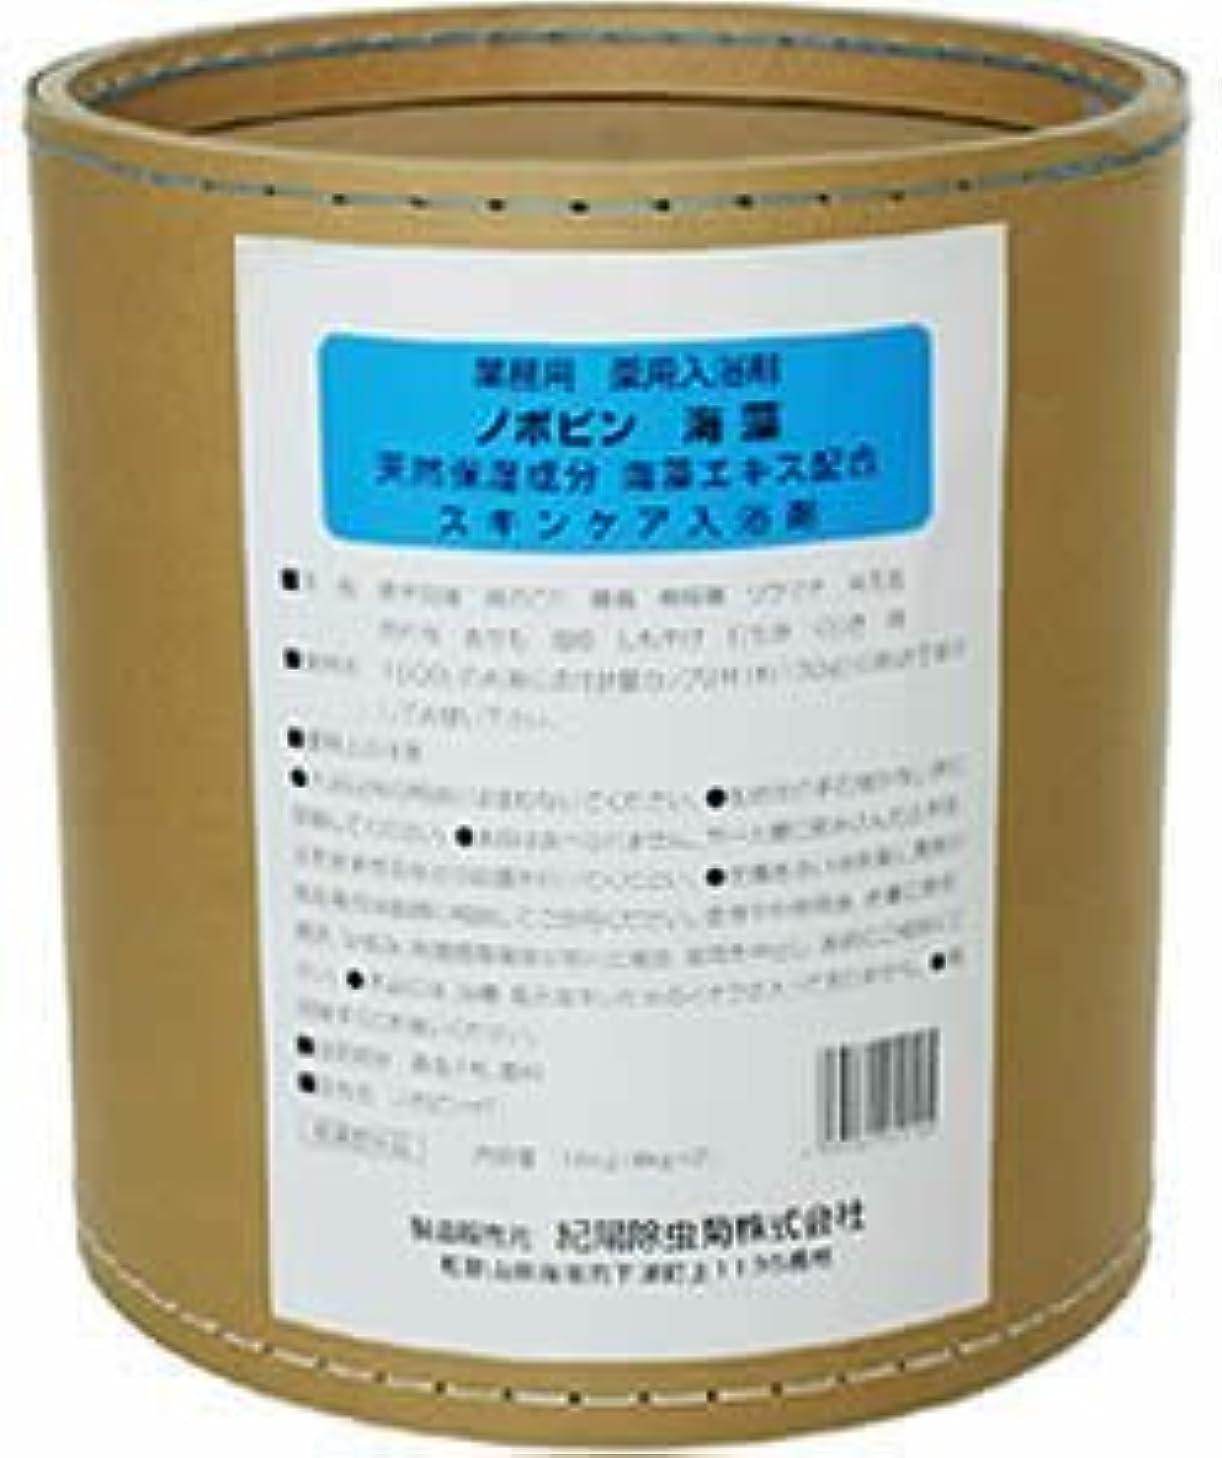 一時停止大惨事そのような業務用 入浴剤 ノボピン 海藻 16kg(8kg*2)